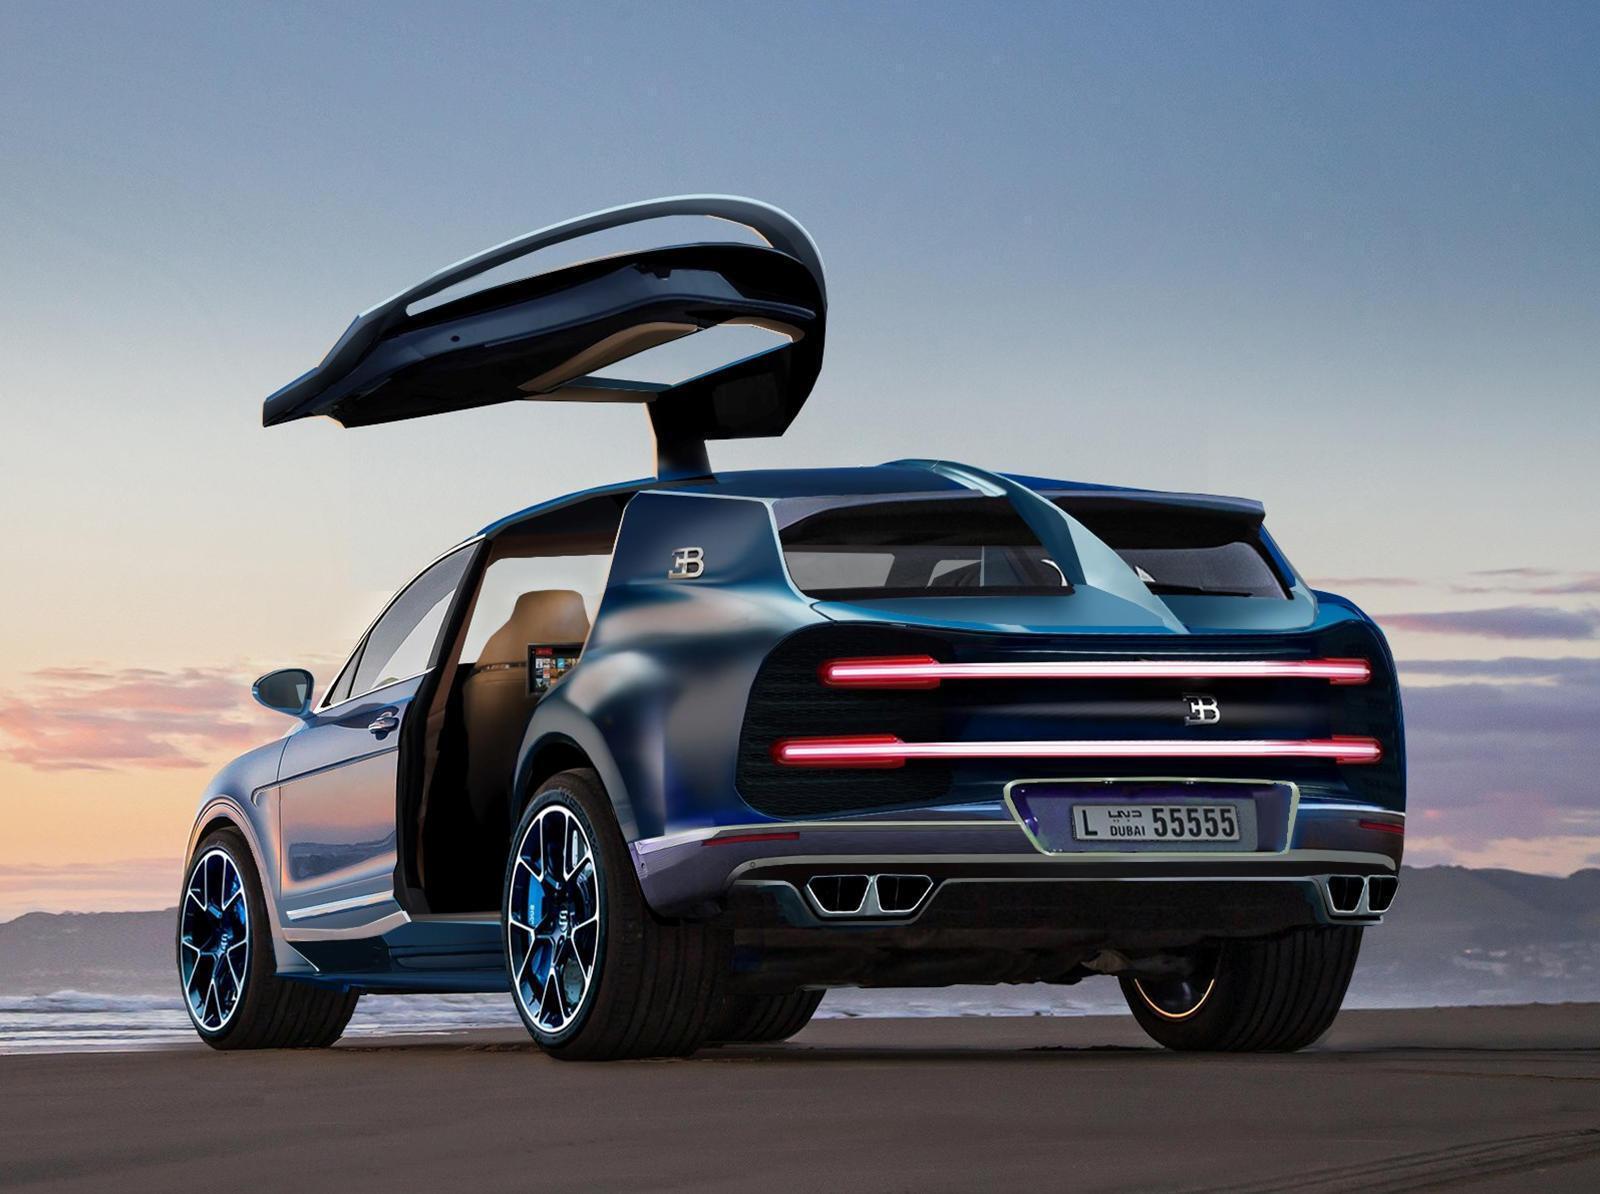 bugatti-ruc-rich-phat-trien-sieu-crossover-manh-hon-lamborghini-urus-2.jpg